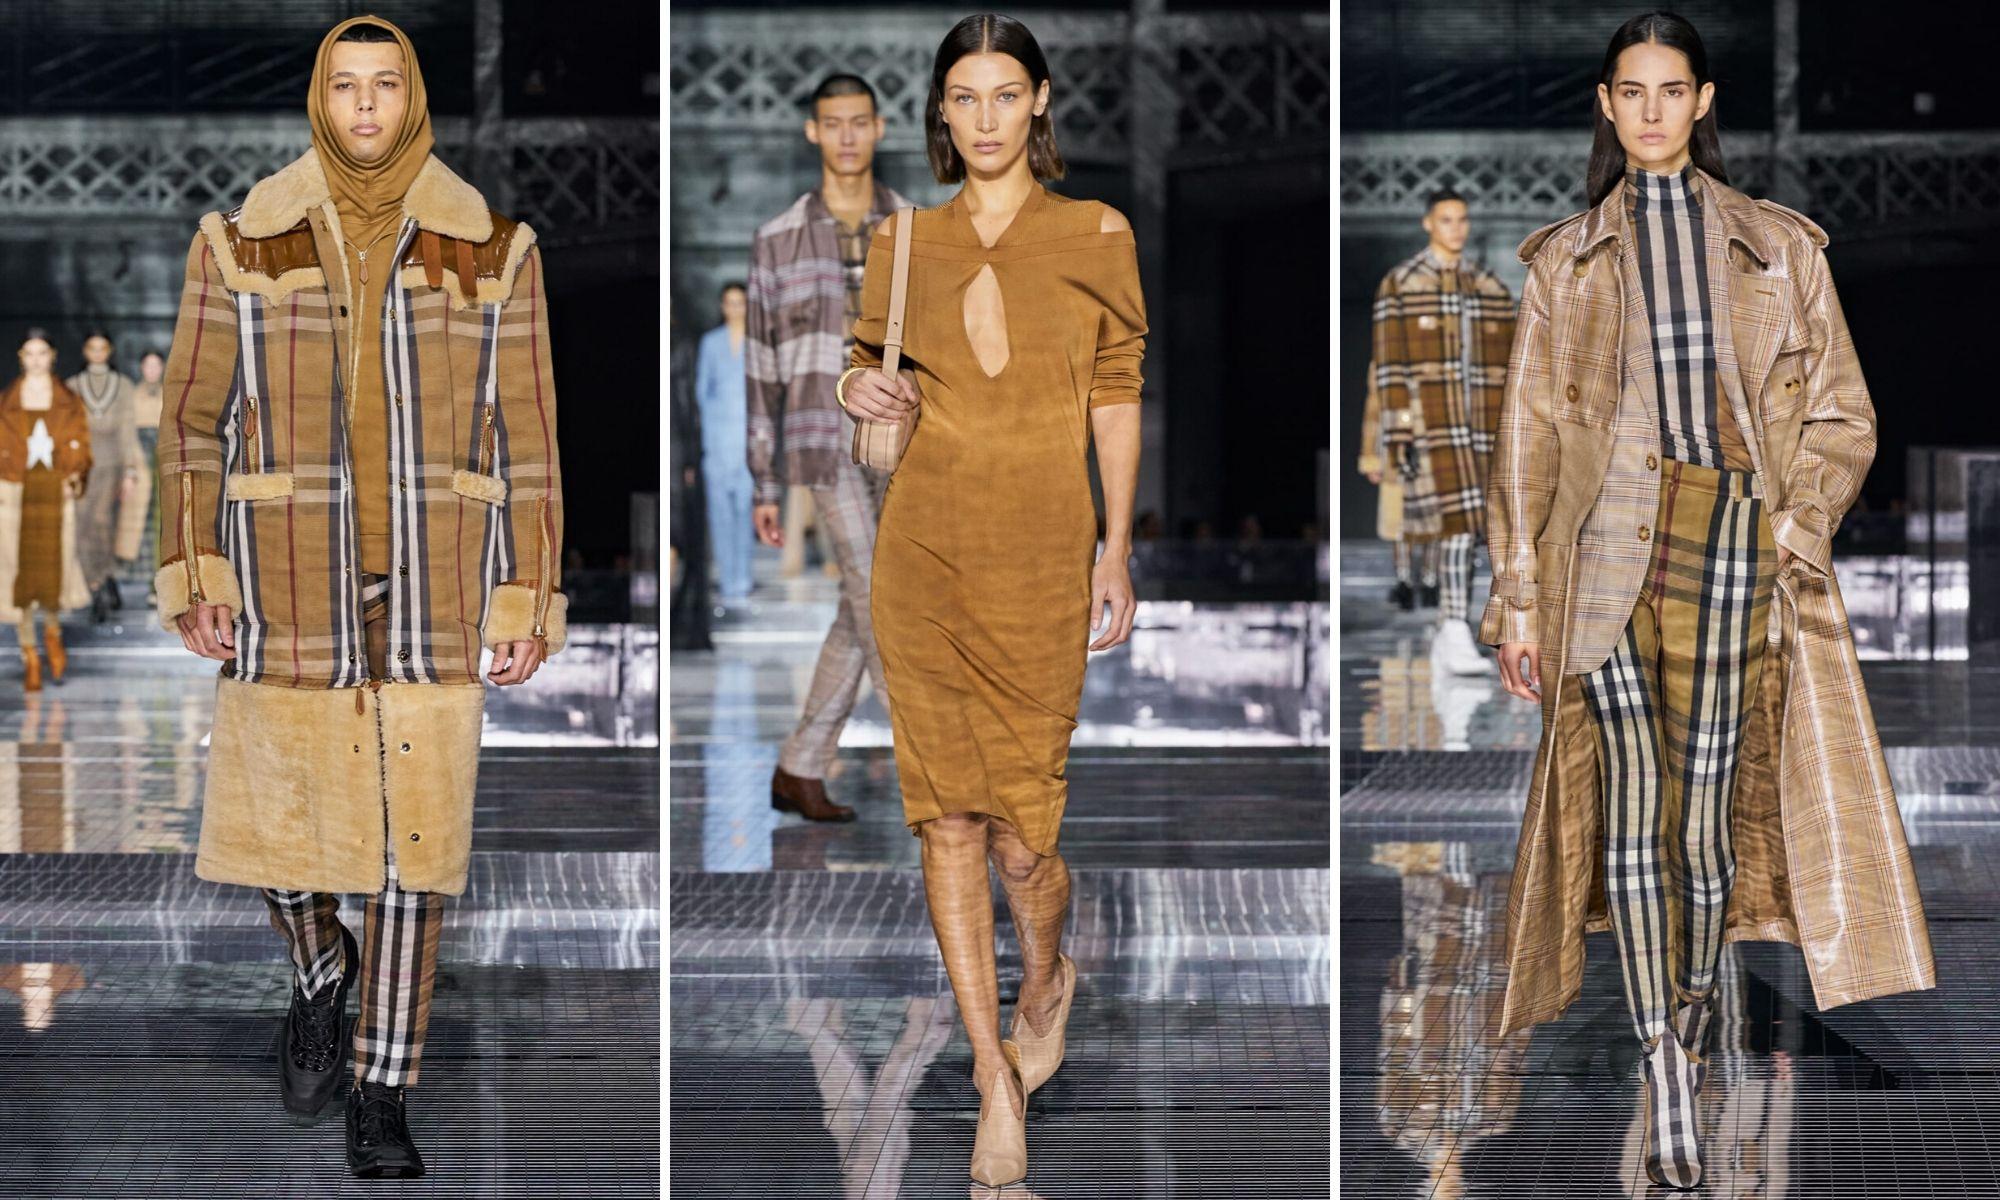 burberry thu đông 2020 chất liệu đa dạng tuần lễ thời trang london